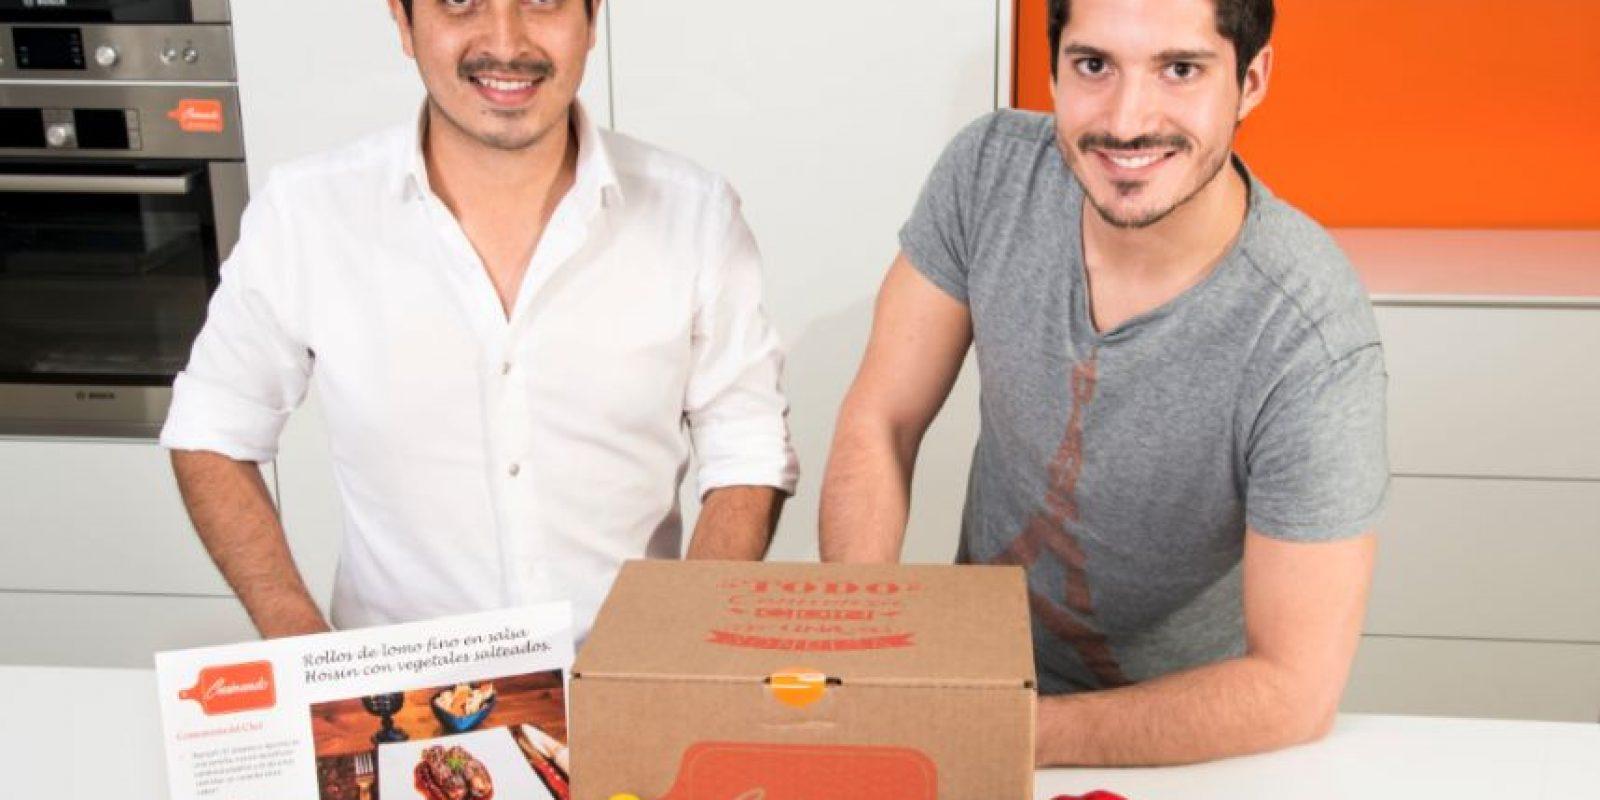 A la izquierda Javier Rios y a la derecha Daniel Medina, creadores de Cusinando. Foto:cortesía Cusinando